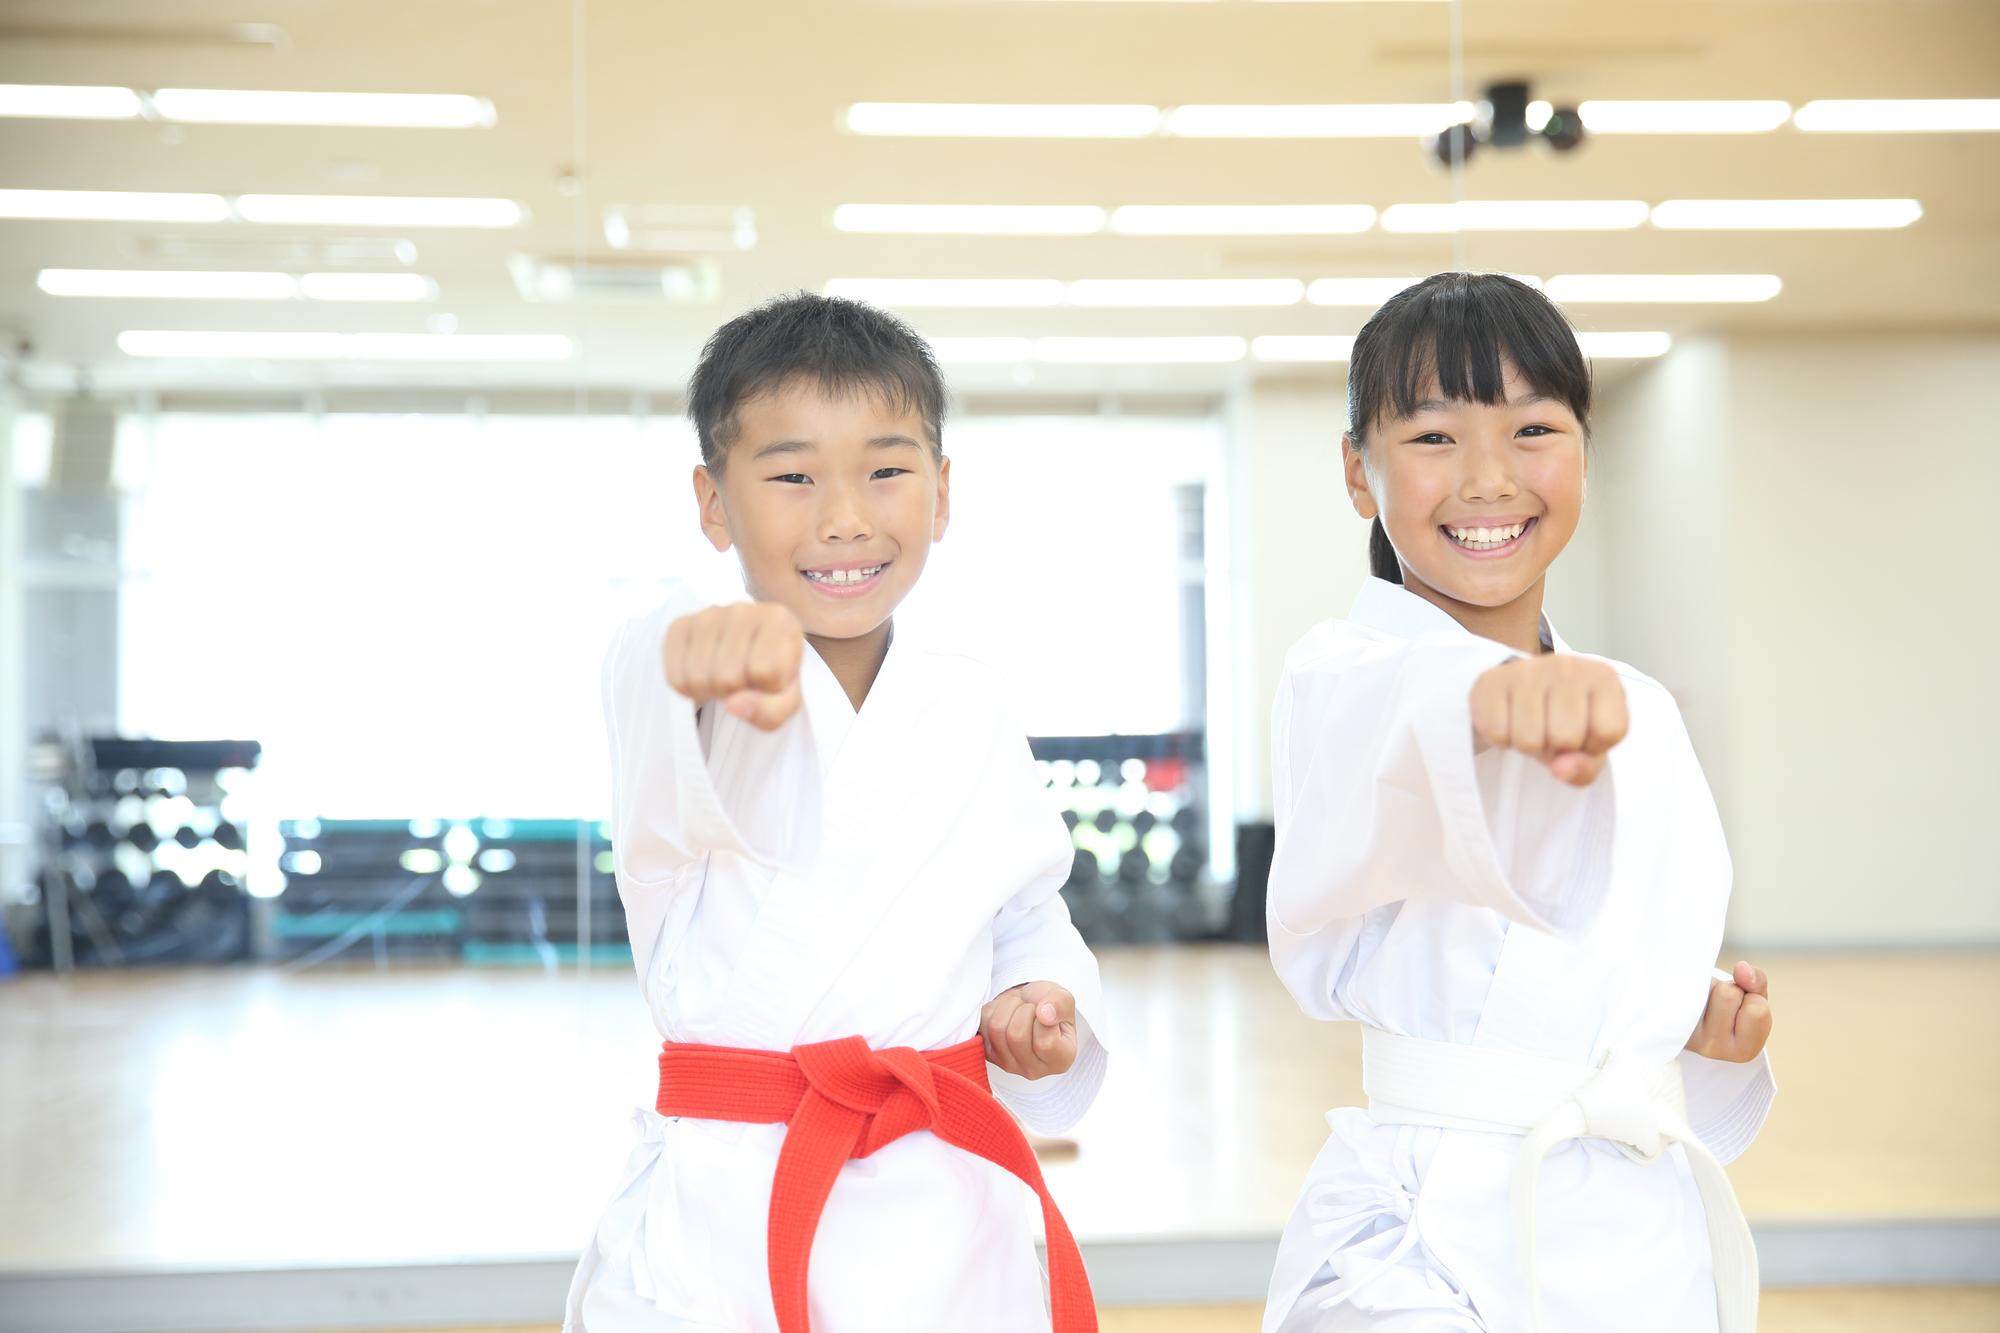 子供の剣道教室・空手教室などの武道教室